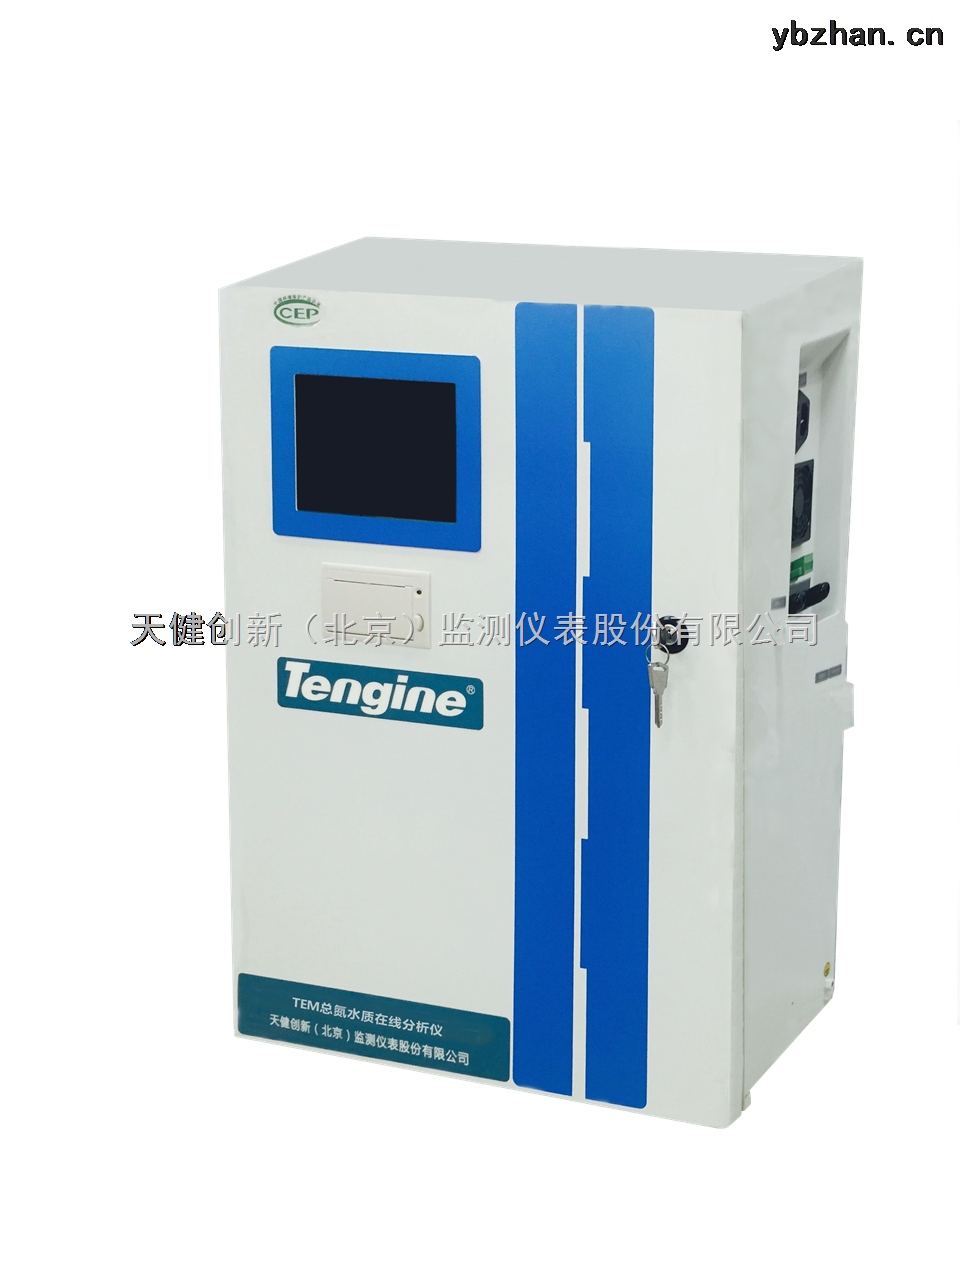 天健创新在线总氮分析仪